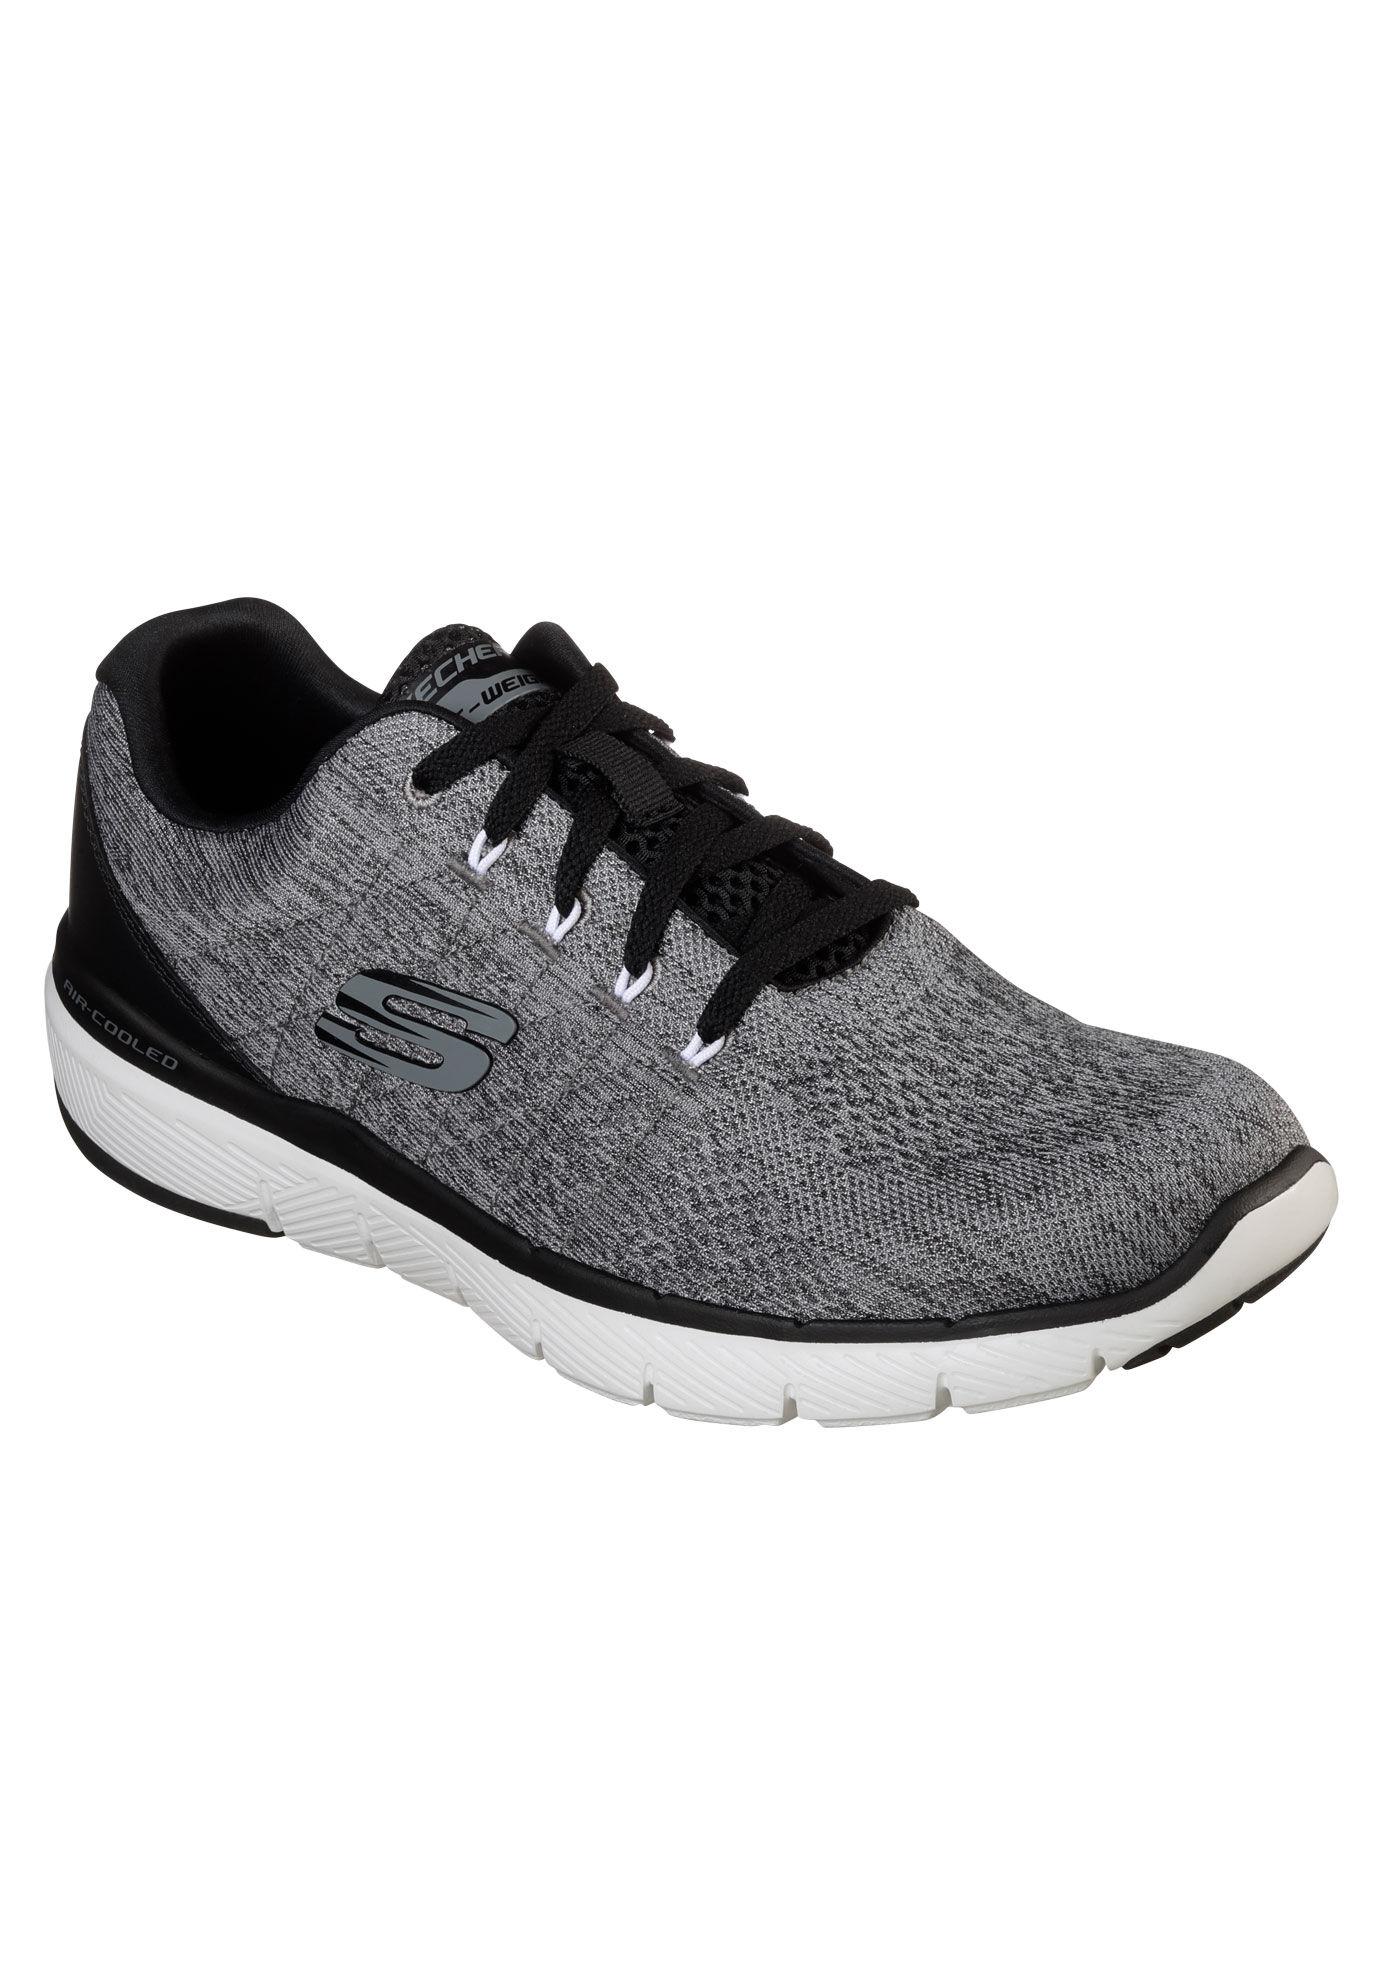 Flex Advantage 3.0 Stally Sneakers by SKECHERS®